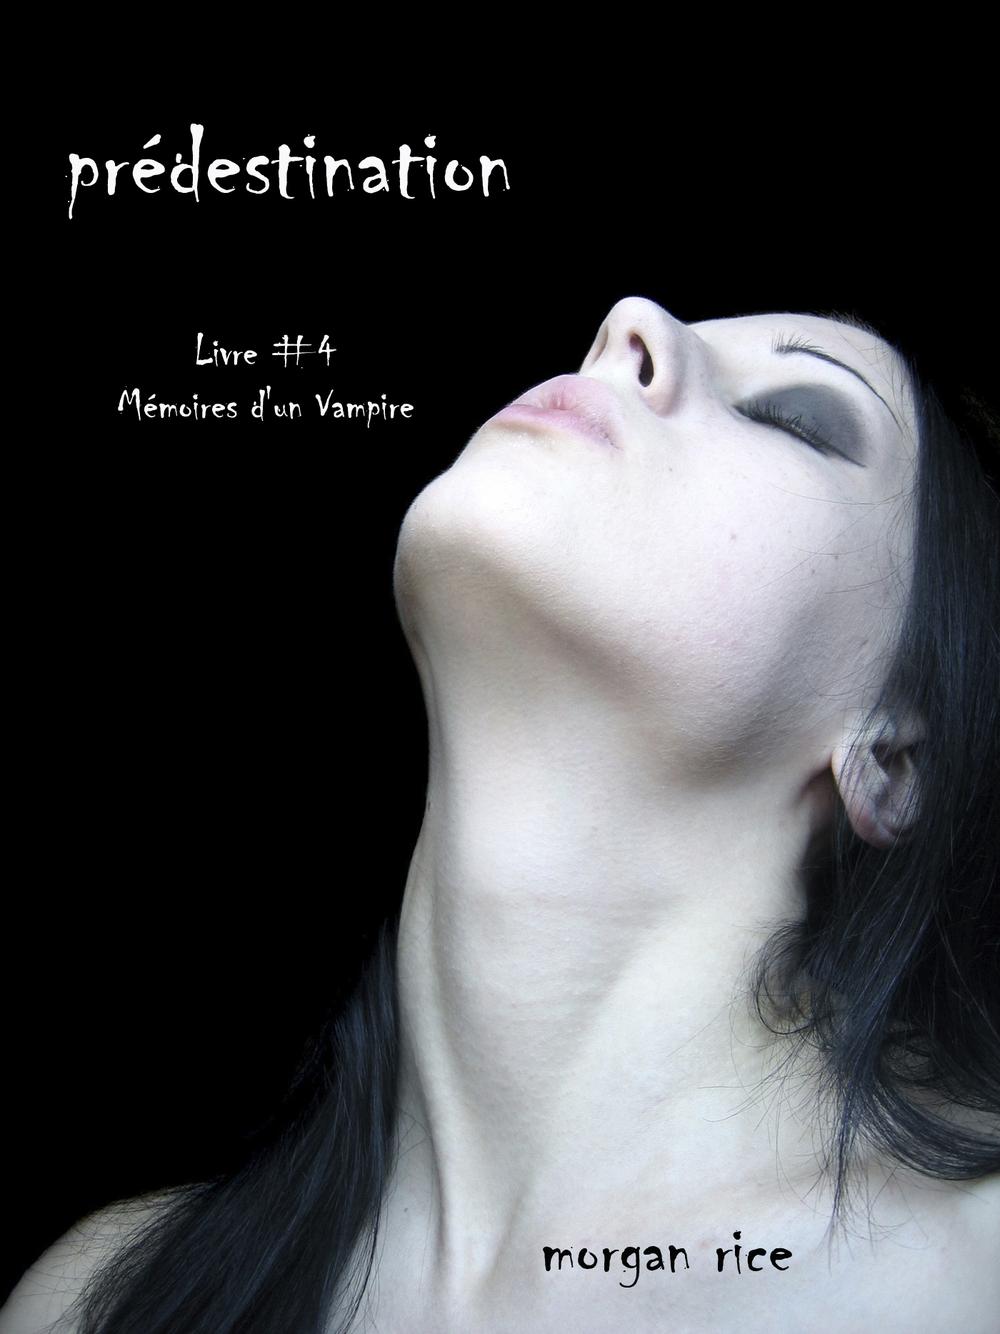 Prédestination (Livre #4 Mémoires d'un Vampire)